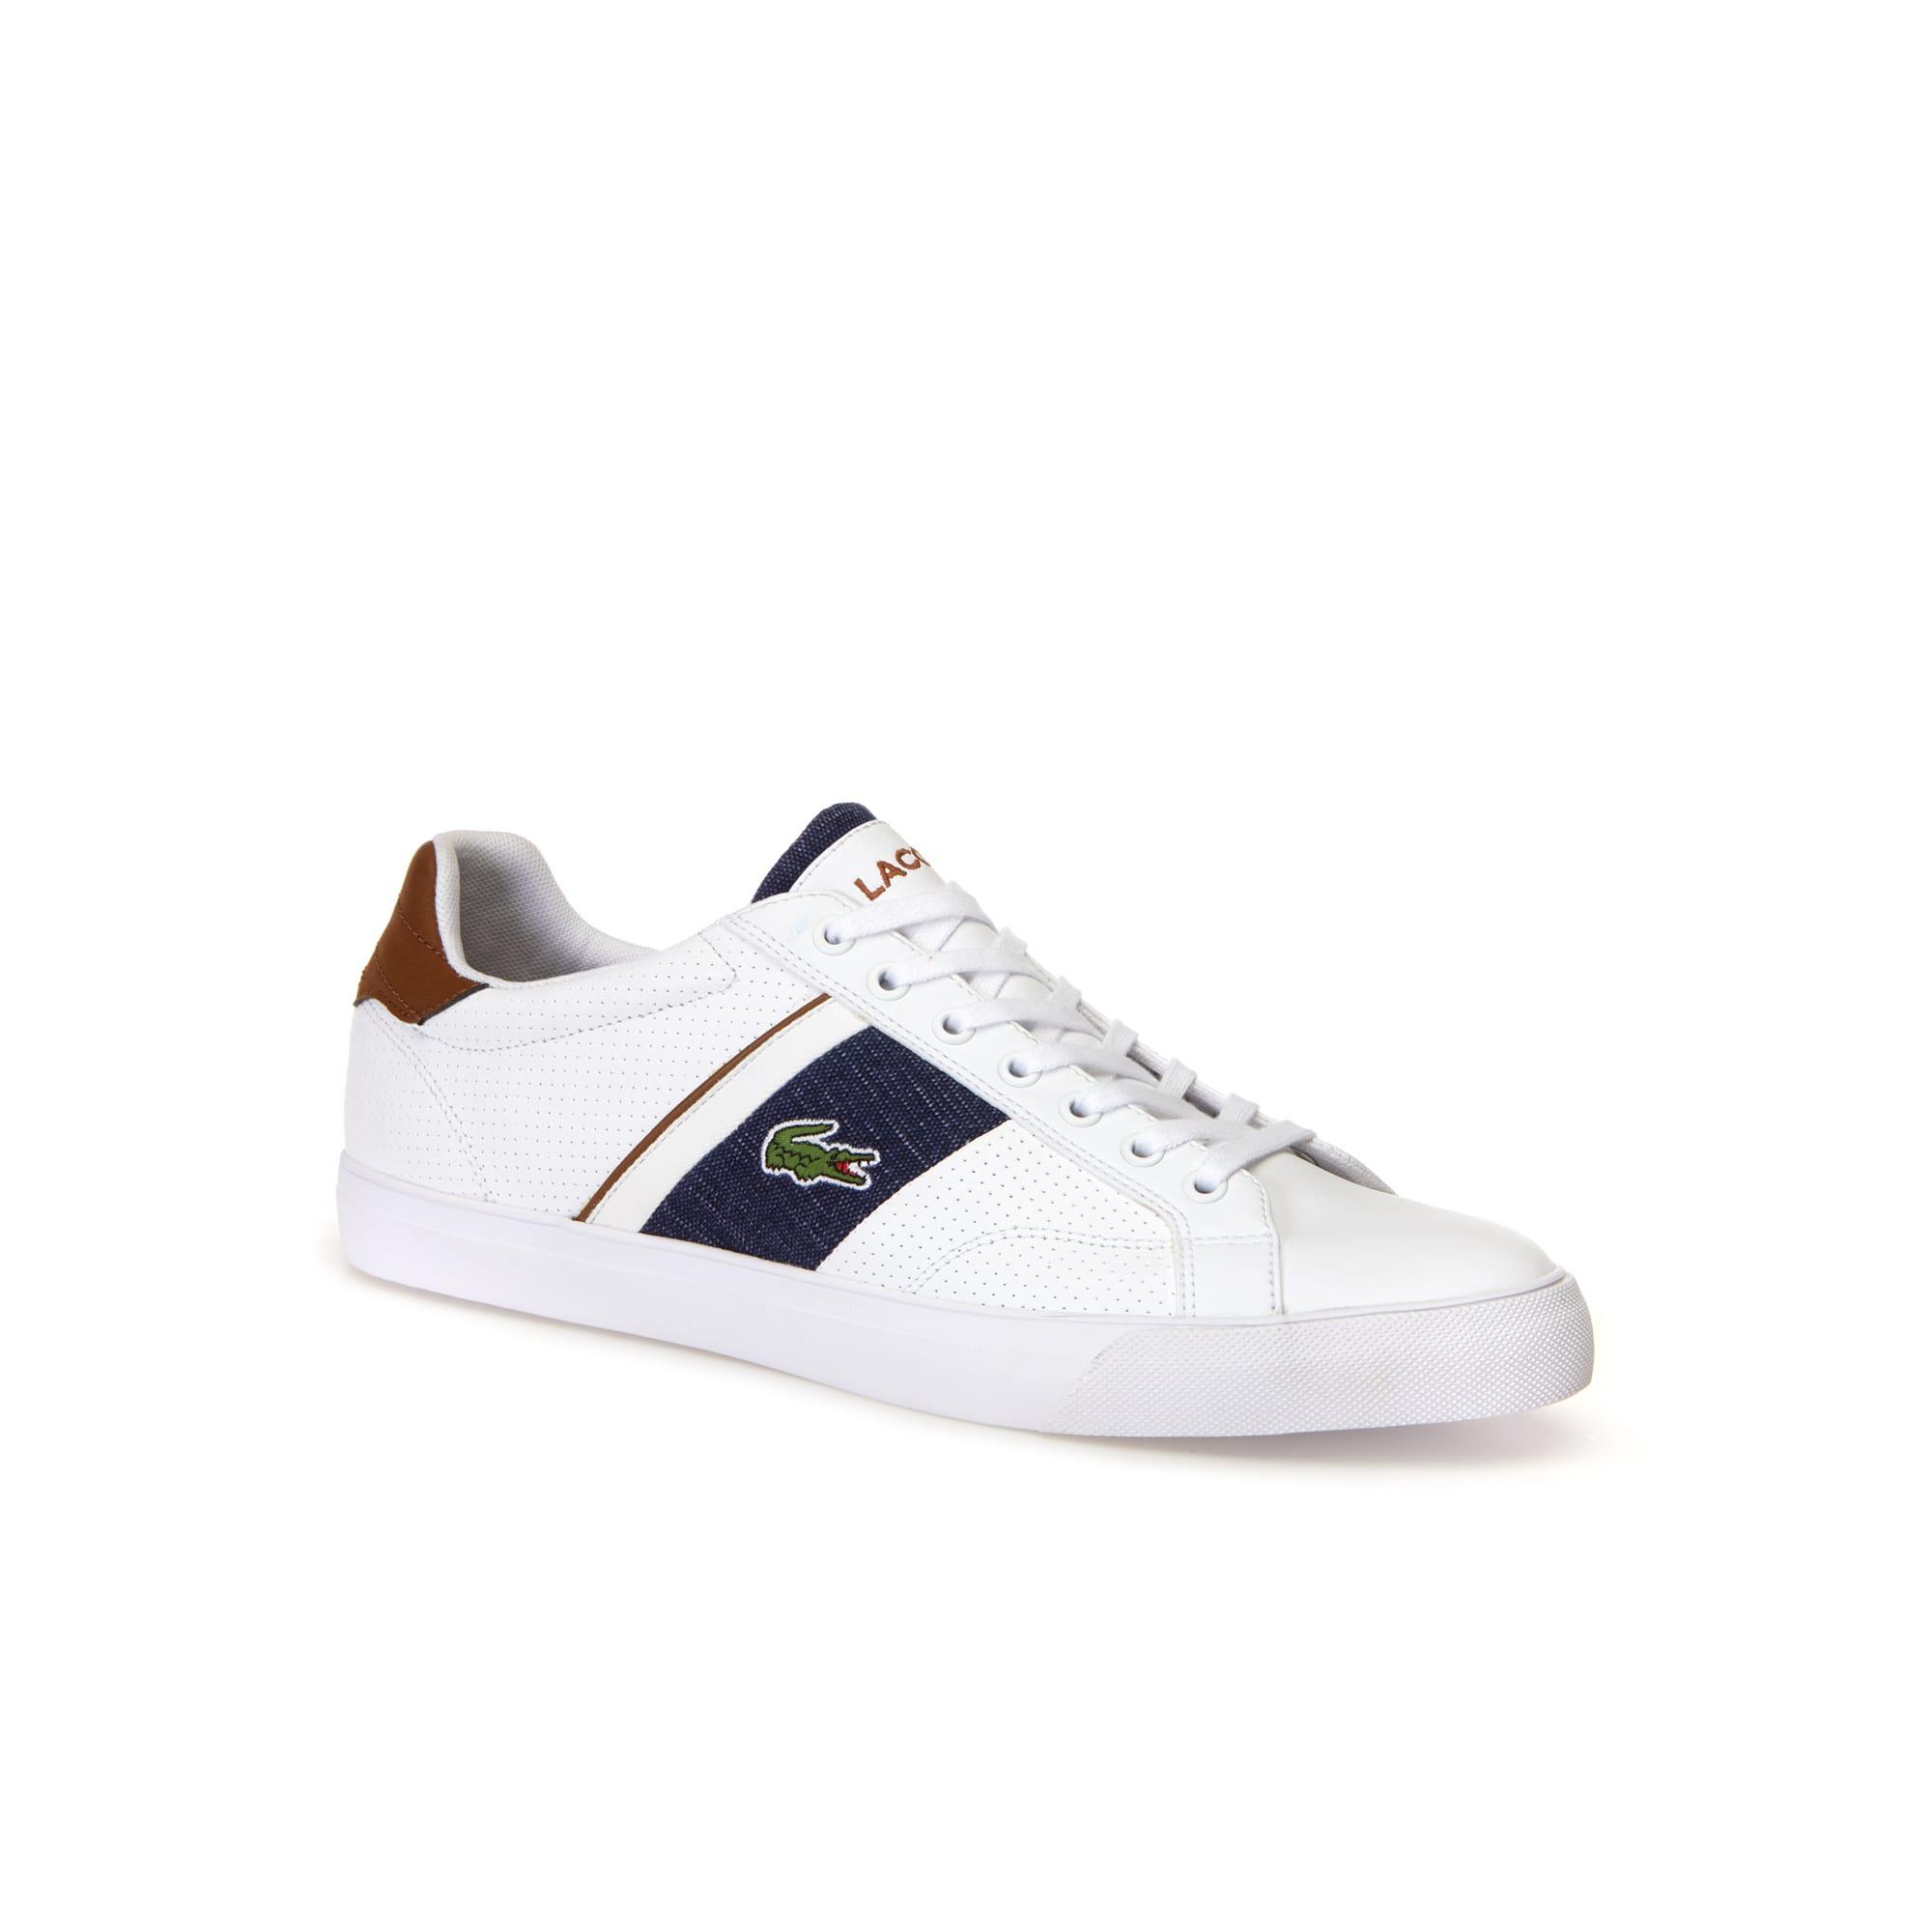 Herren-Sneakers FAIRLEAD aus Leder und Canvas